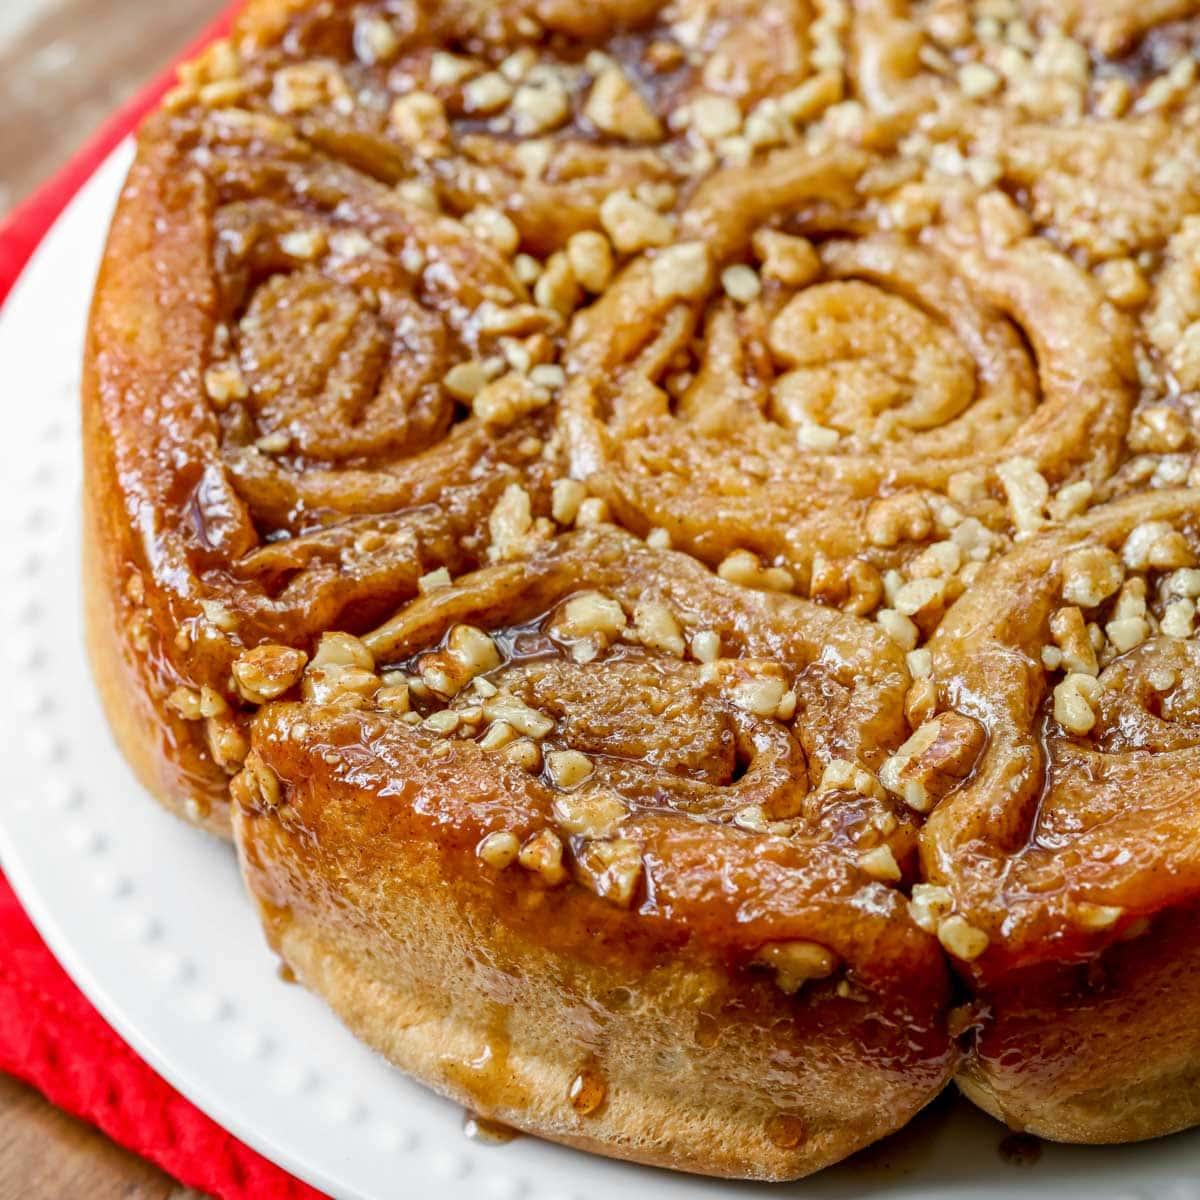 Sticky walnut buns on a white plate